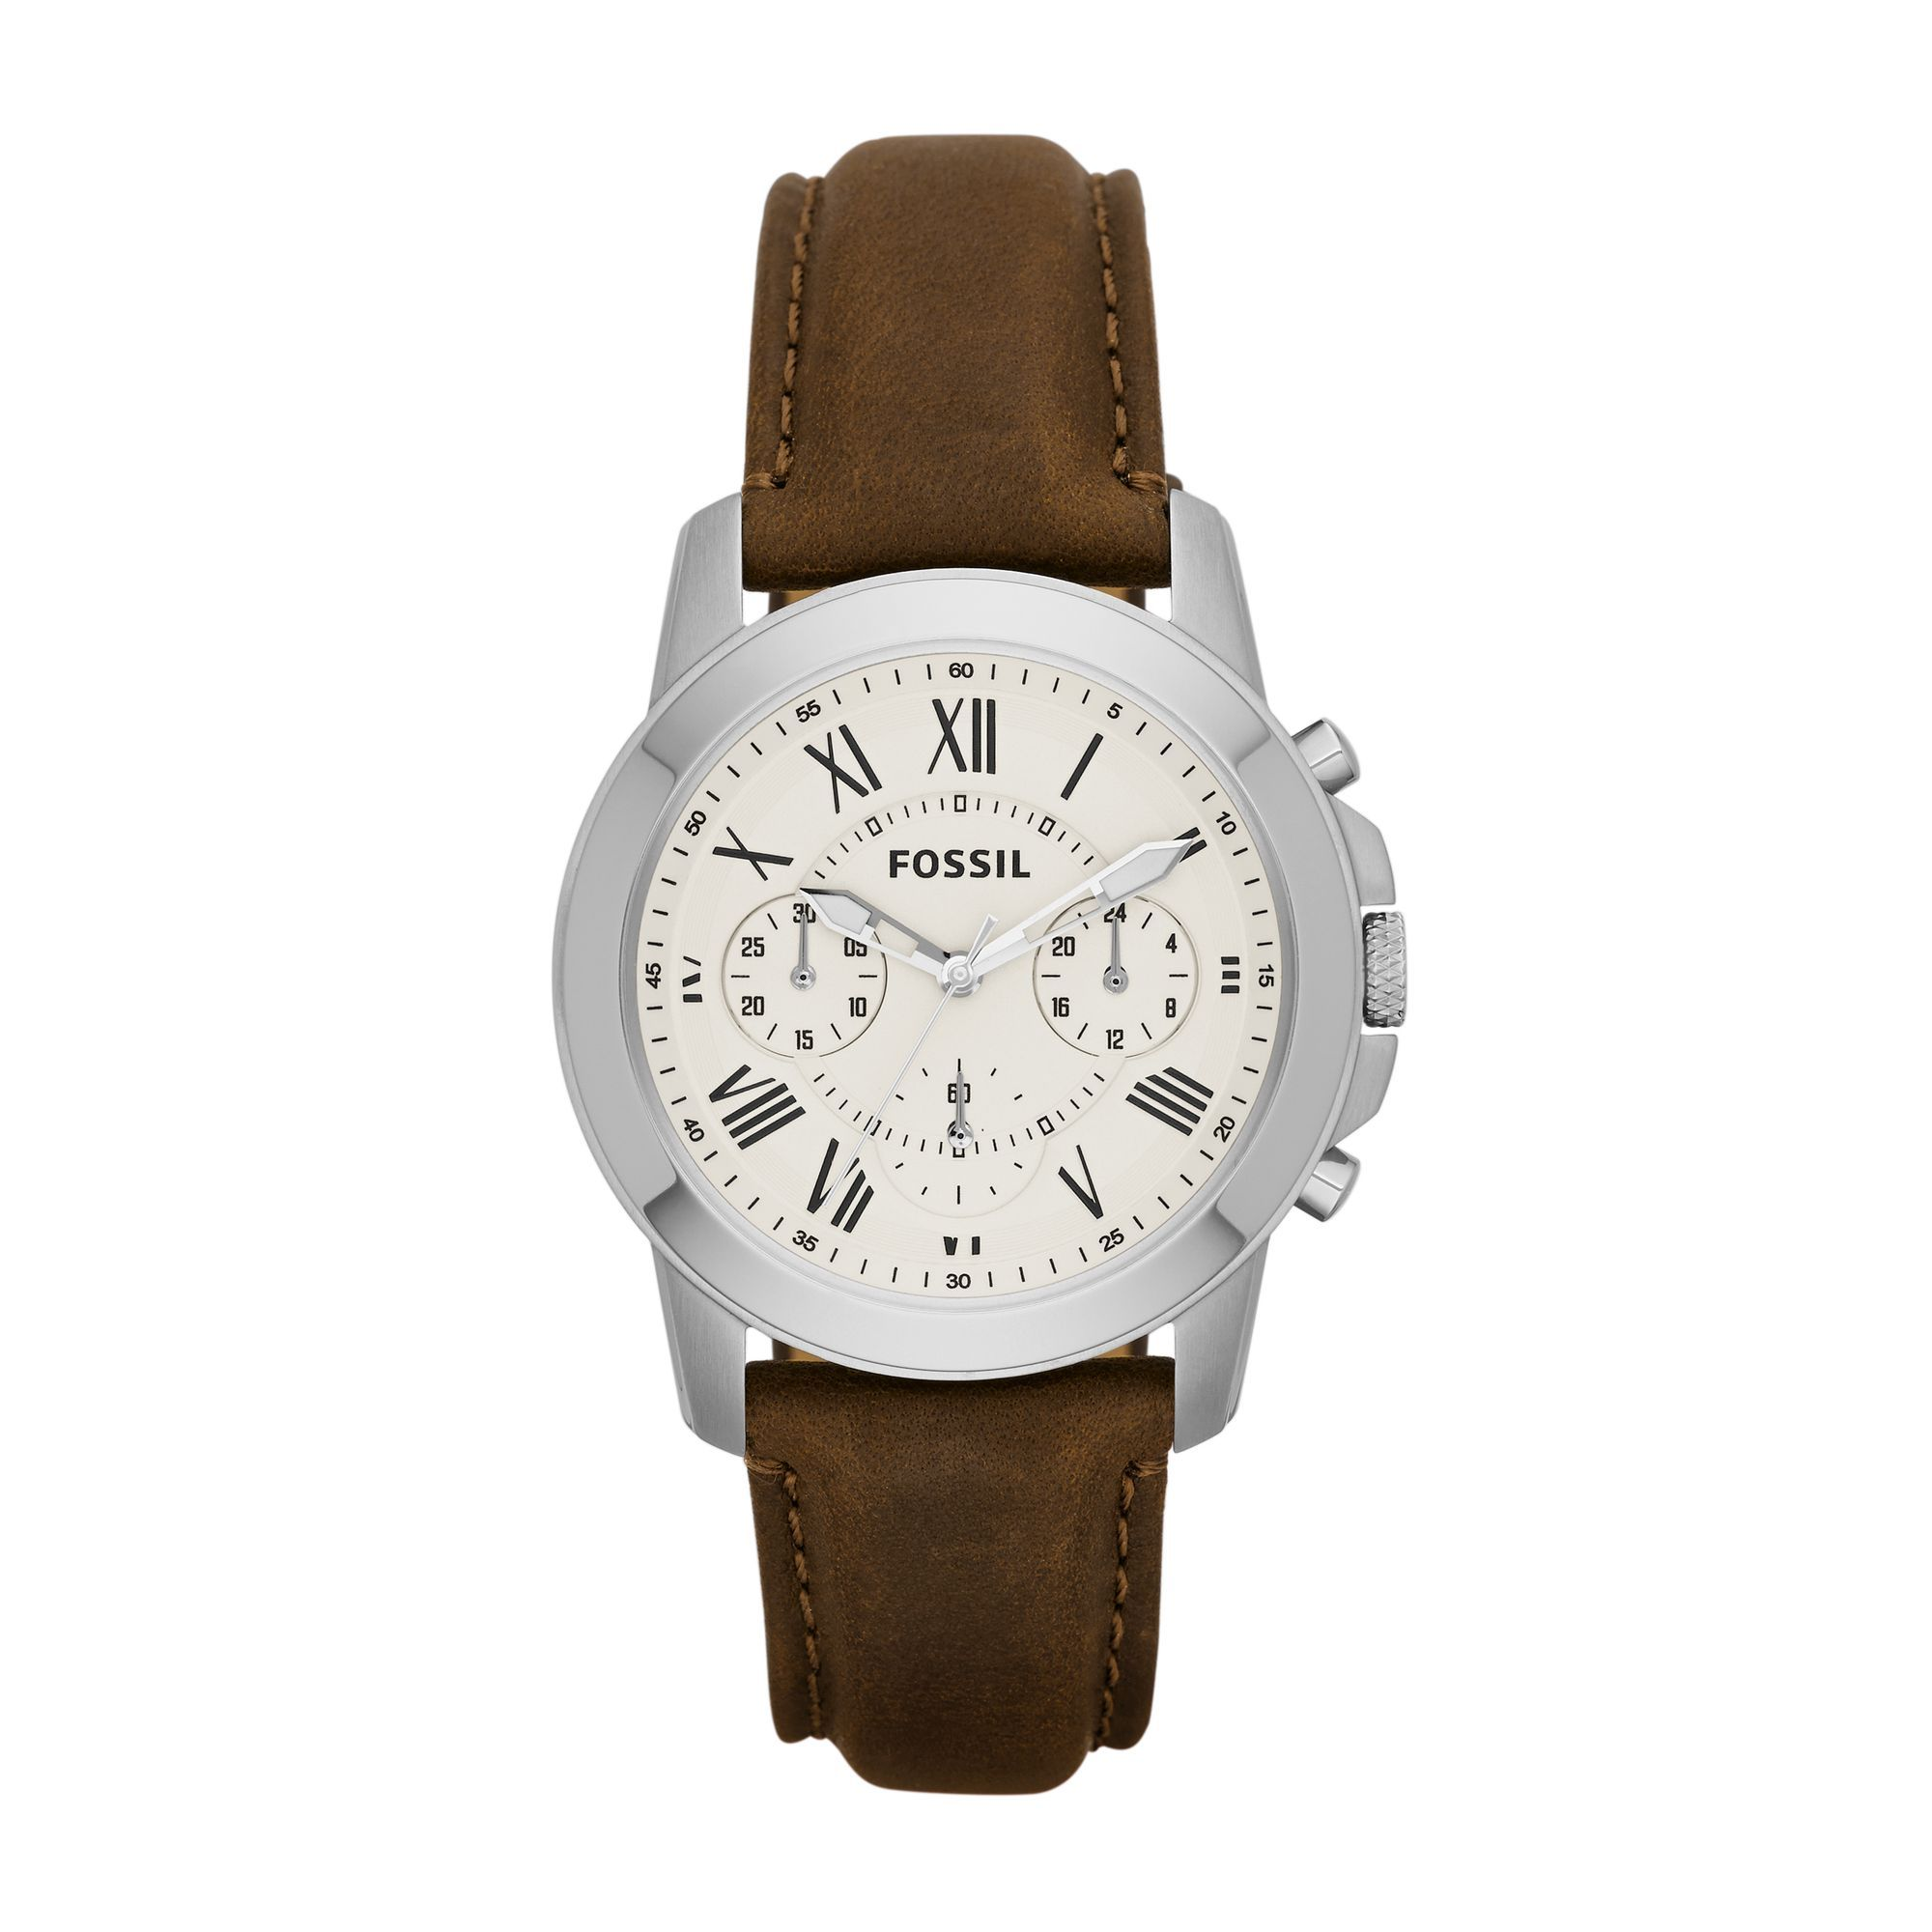 Fossil Uhr FS4839 Grant mit Gravur | Fossil uhren